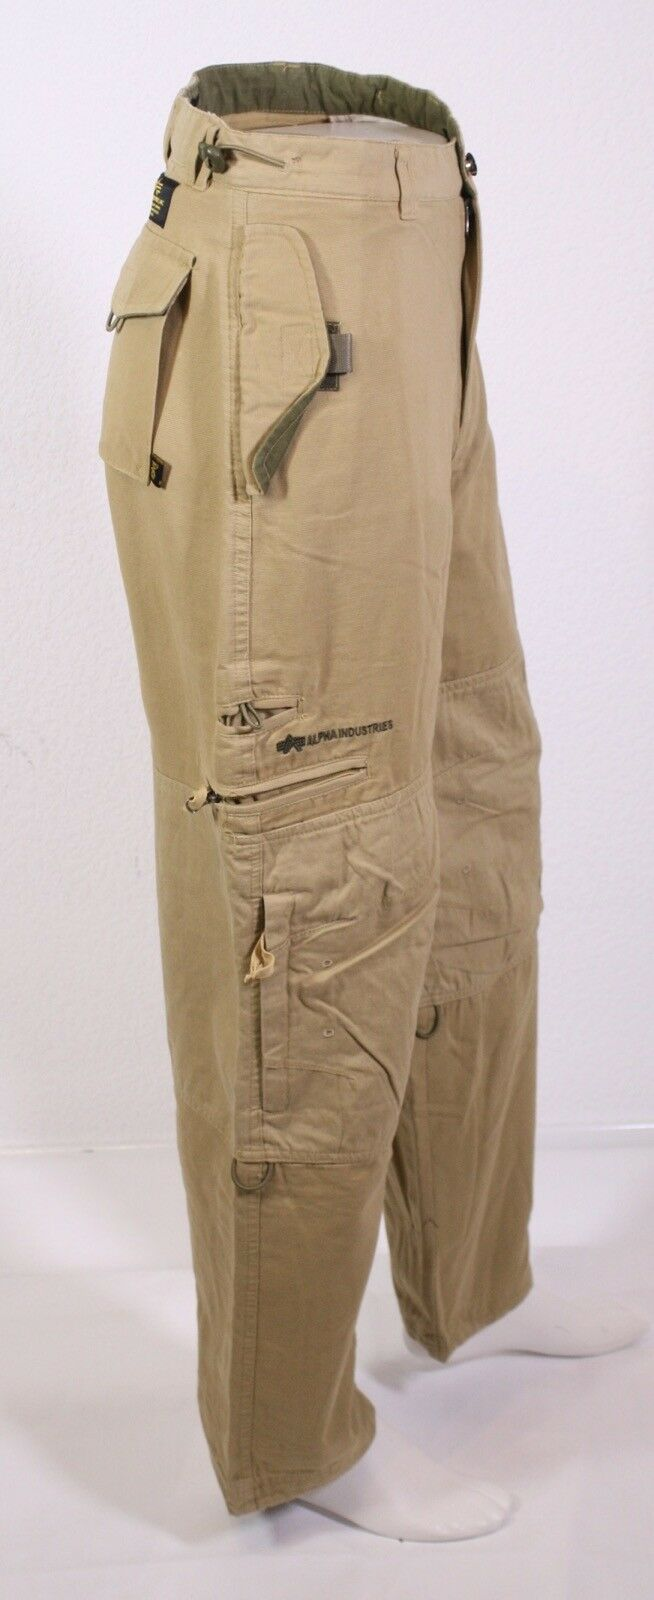 Kj2-36 ALPHA INDUSTRIES da Uomo Cargo Army Army Army Safari Field Pant Pantaloni Beige w30 NUOVO 722957